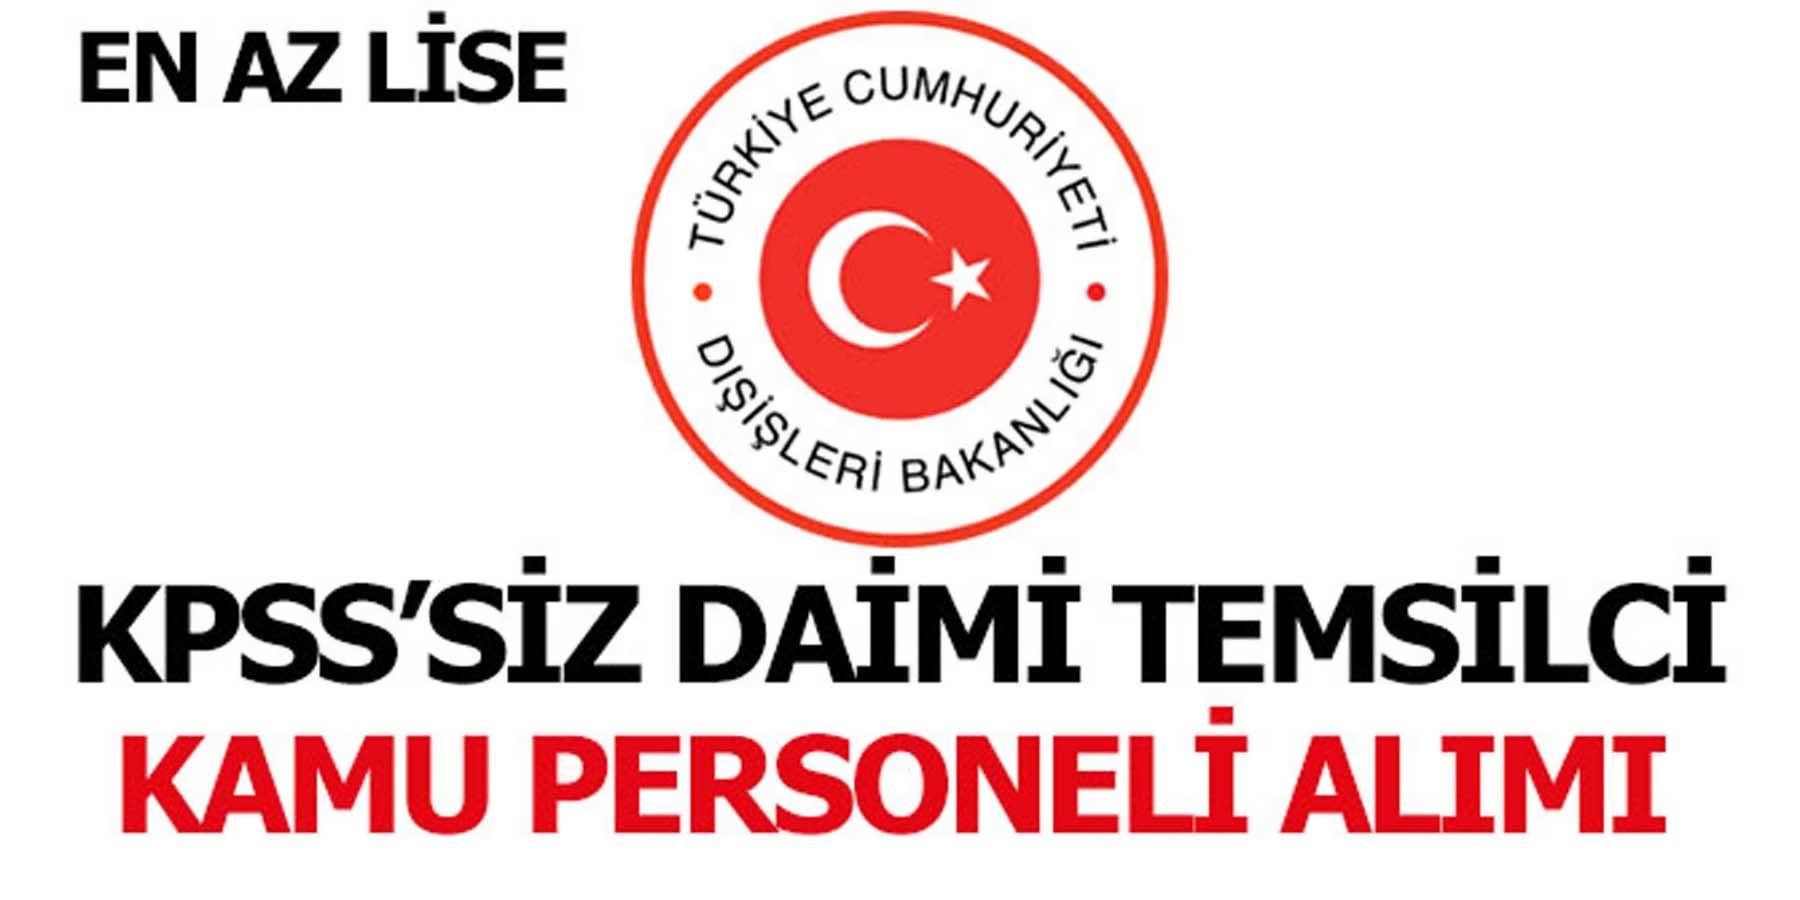 Dışişleri Bakanlığı KPSS'Siz Daimi Temsilci Kamu Personeli Alımı